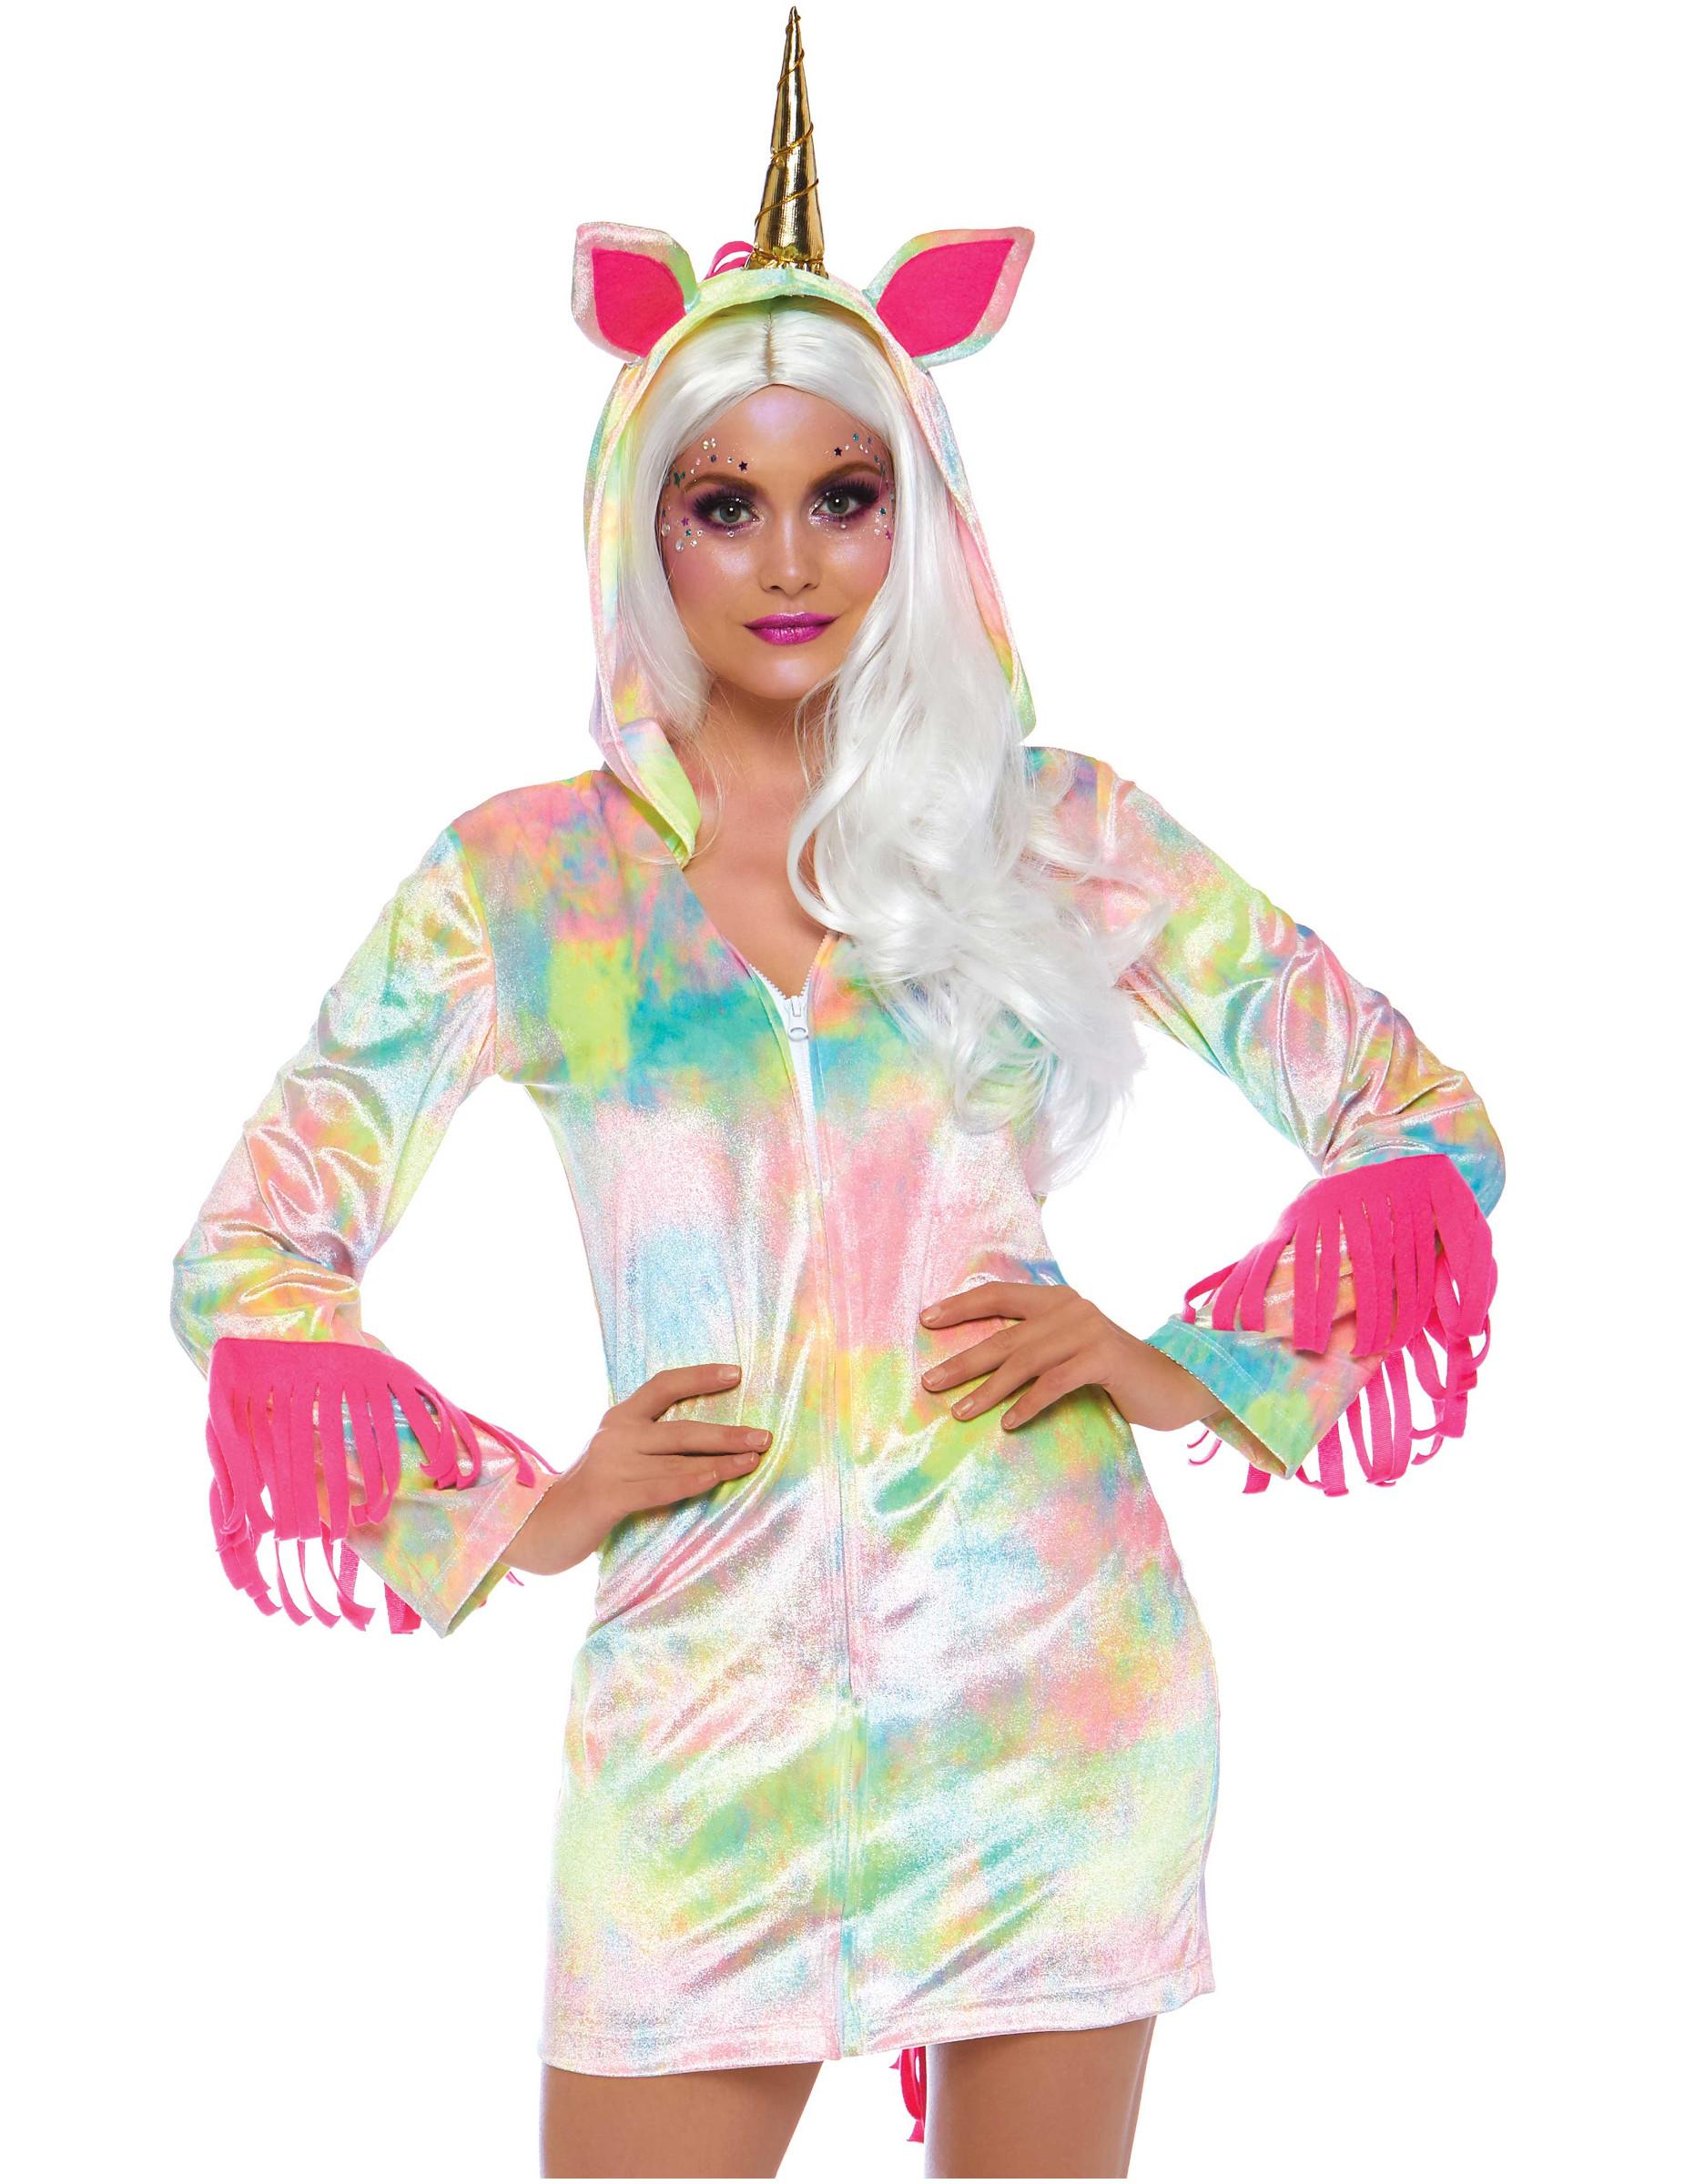 design senza tempo sito affidabile comprare a buon mercato Costume da unicorno magico per donna